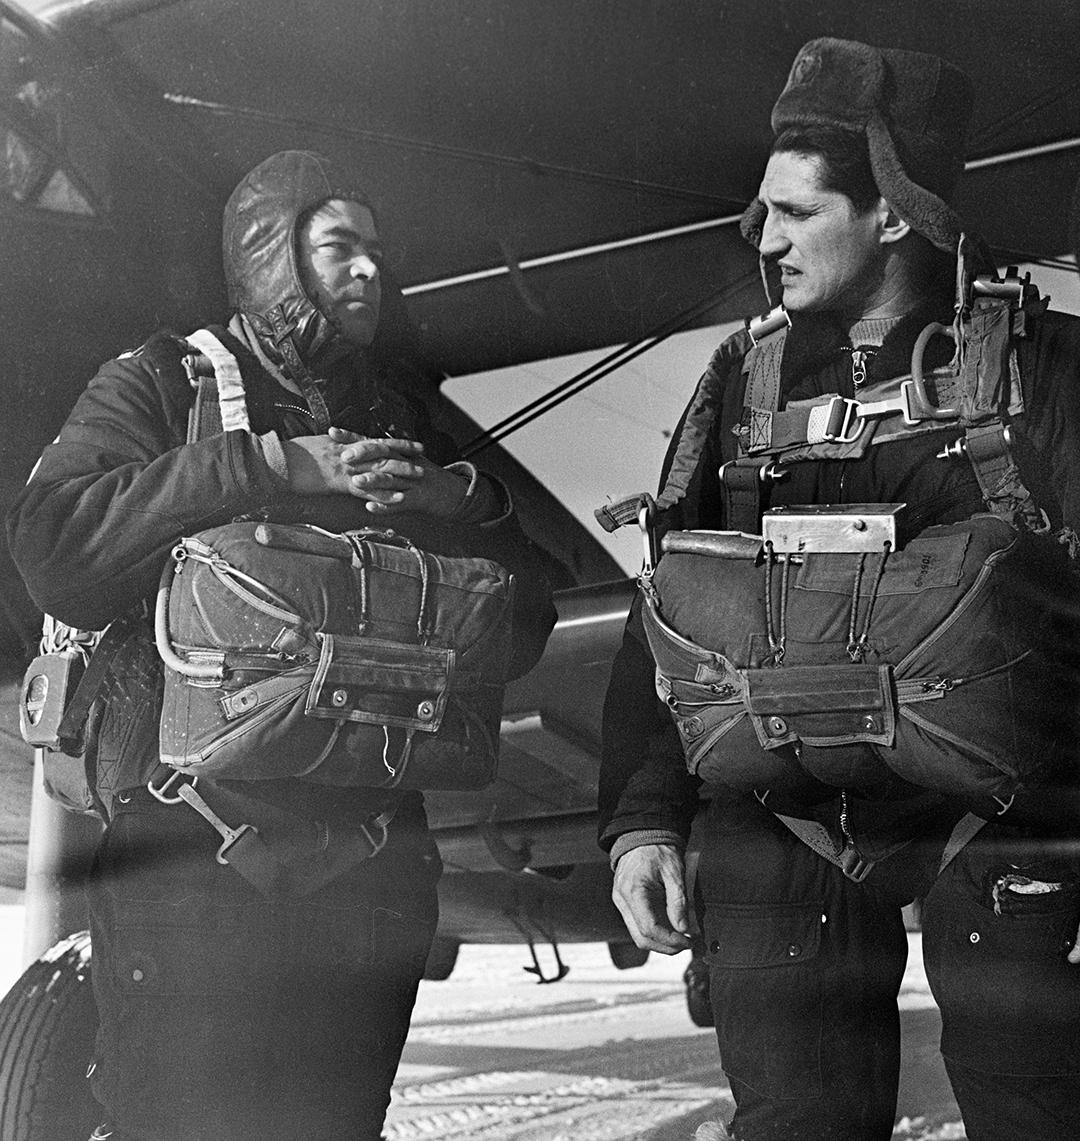 Лётчики-космонавты Борис Волынов (справа) и Андриян Николаев перед прыжком с парашютом